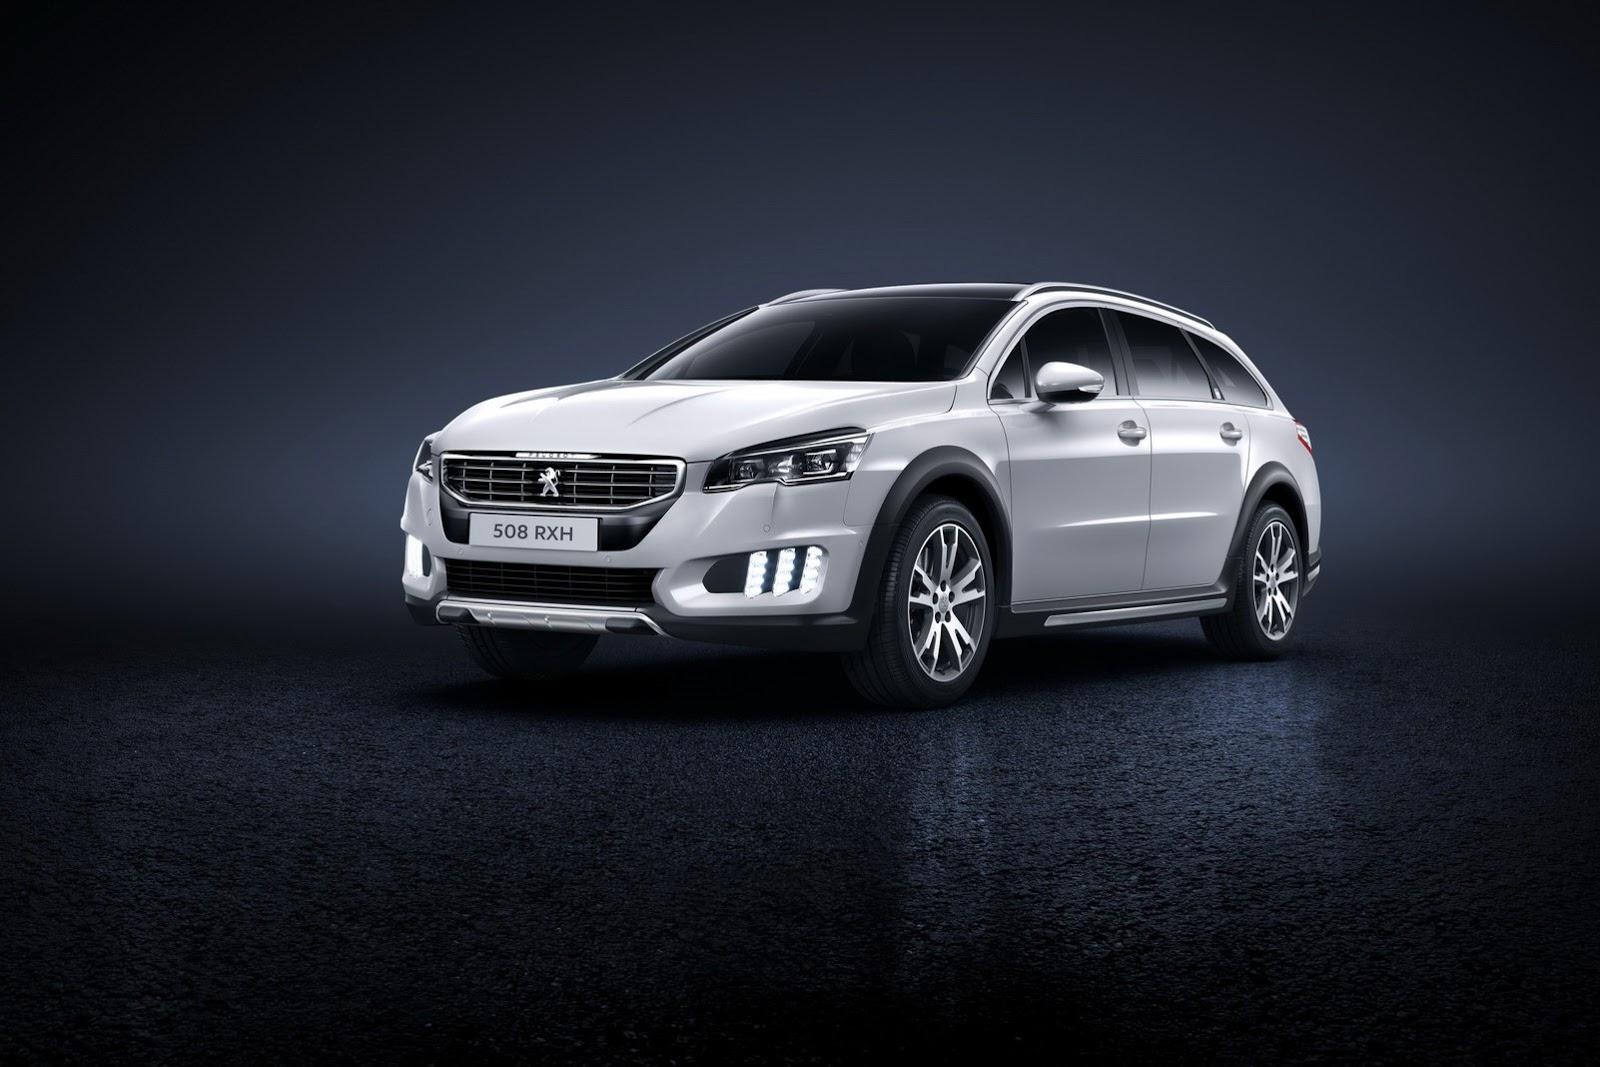 2015-Peugeot-508-11%25255B2%25255D.jpg